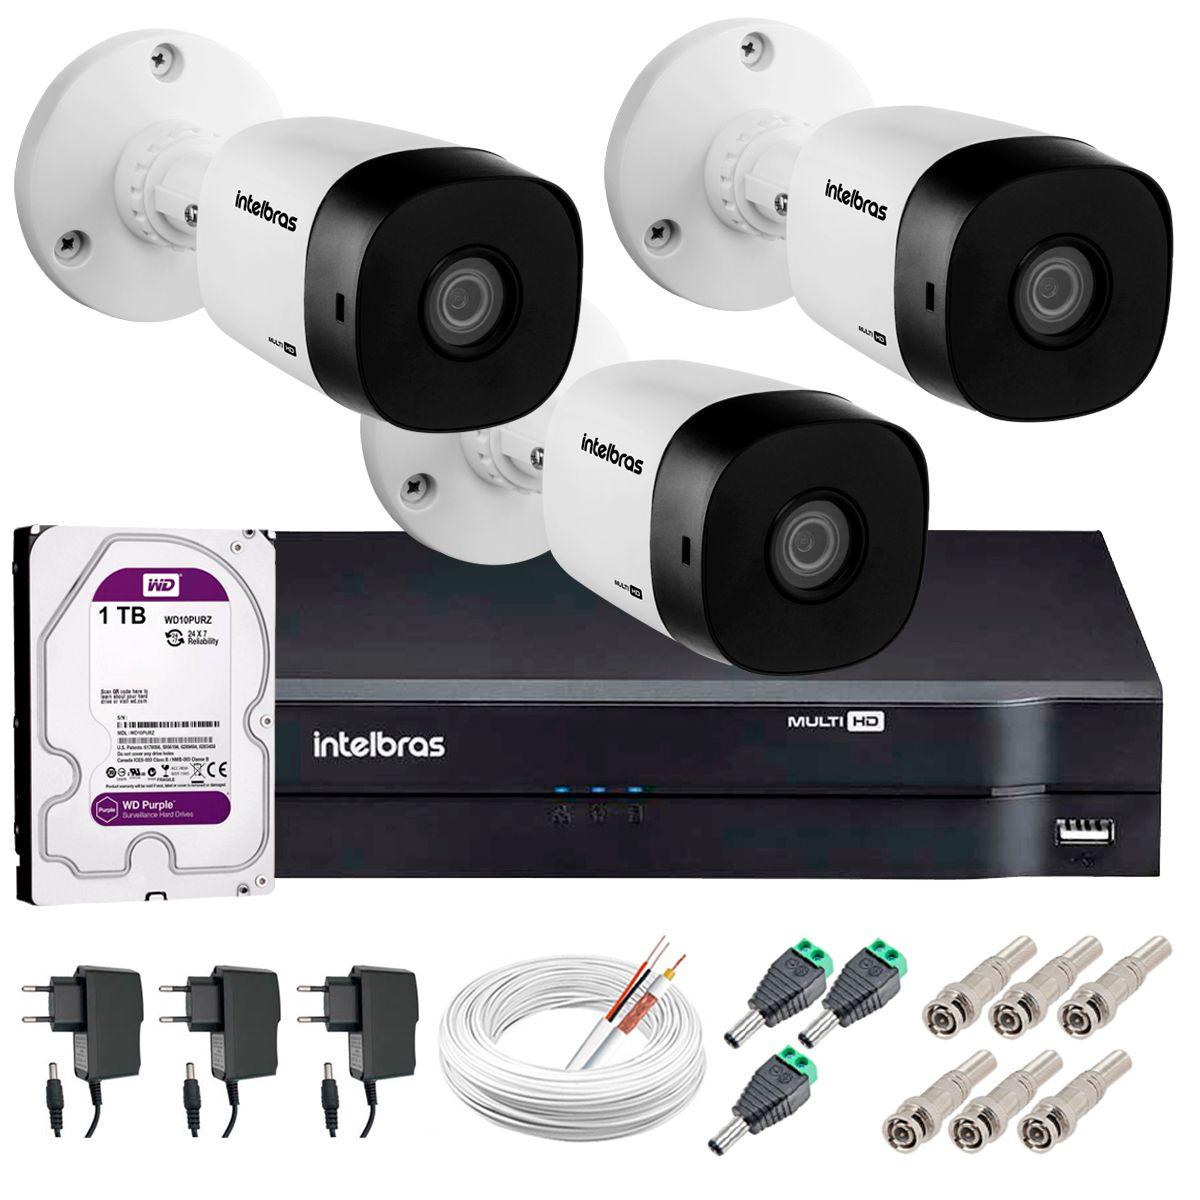 Kit 3 Câmeras VHD 1010 B G5 + DVR Intelbras + HD 1TB para Armazenamento + App Grátis de Monitoramento, Câmeras HD 720p 10m Infravermelho de Visão Noturna Intelbras + Fonte, Cabos e Acessórios  - Tudo Forte